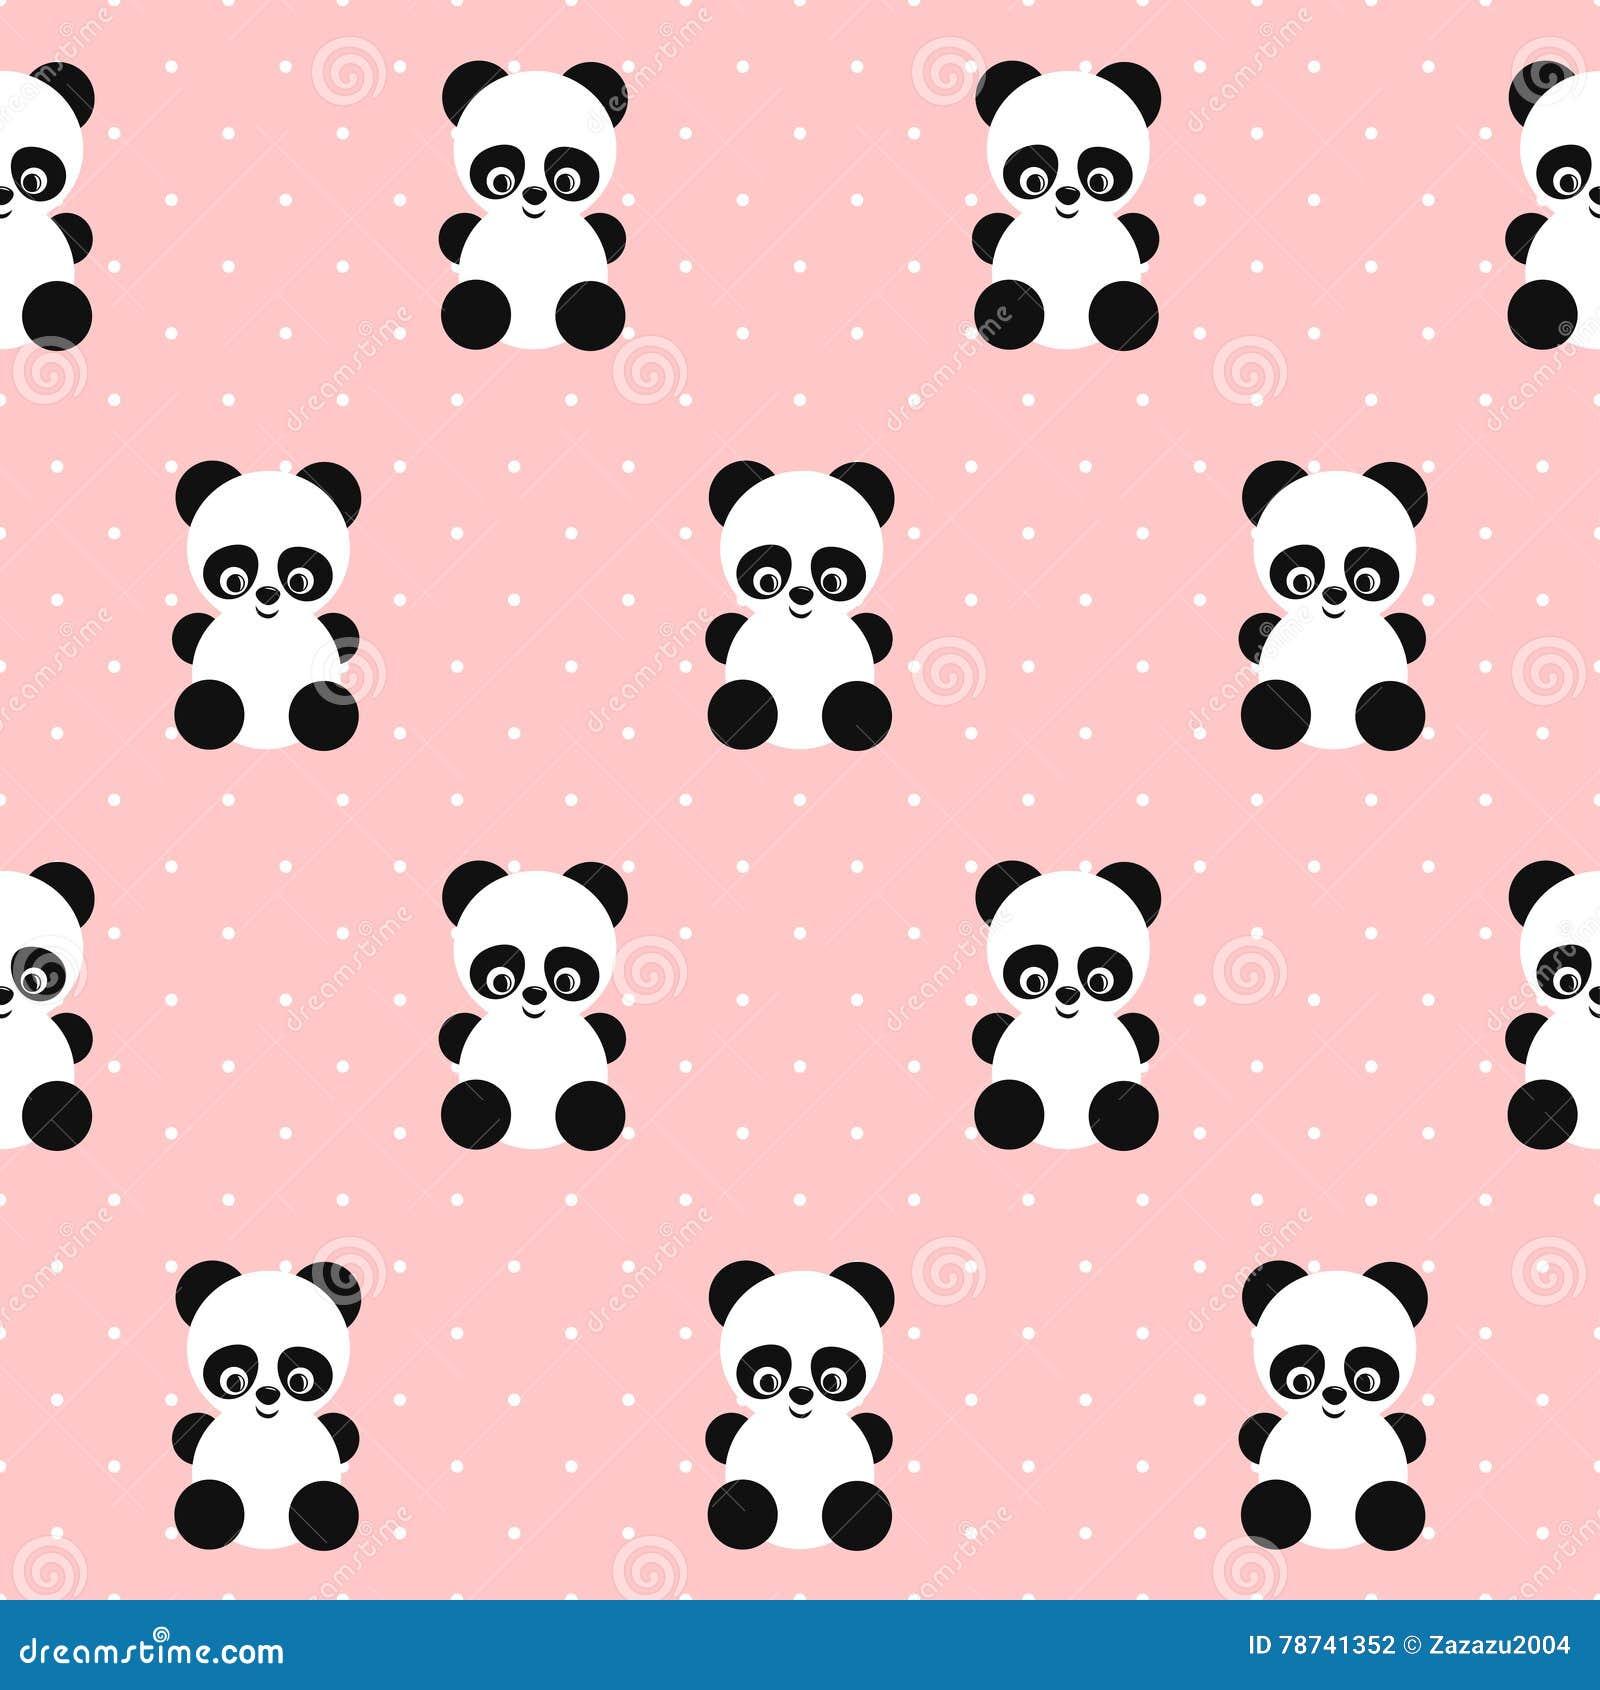 Panda Seamless Pattern On Polka Dots Pink Background ...